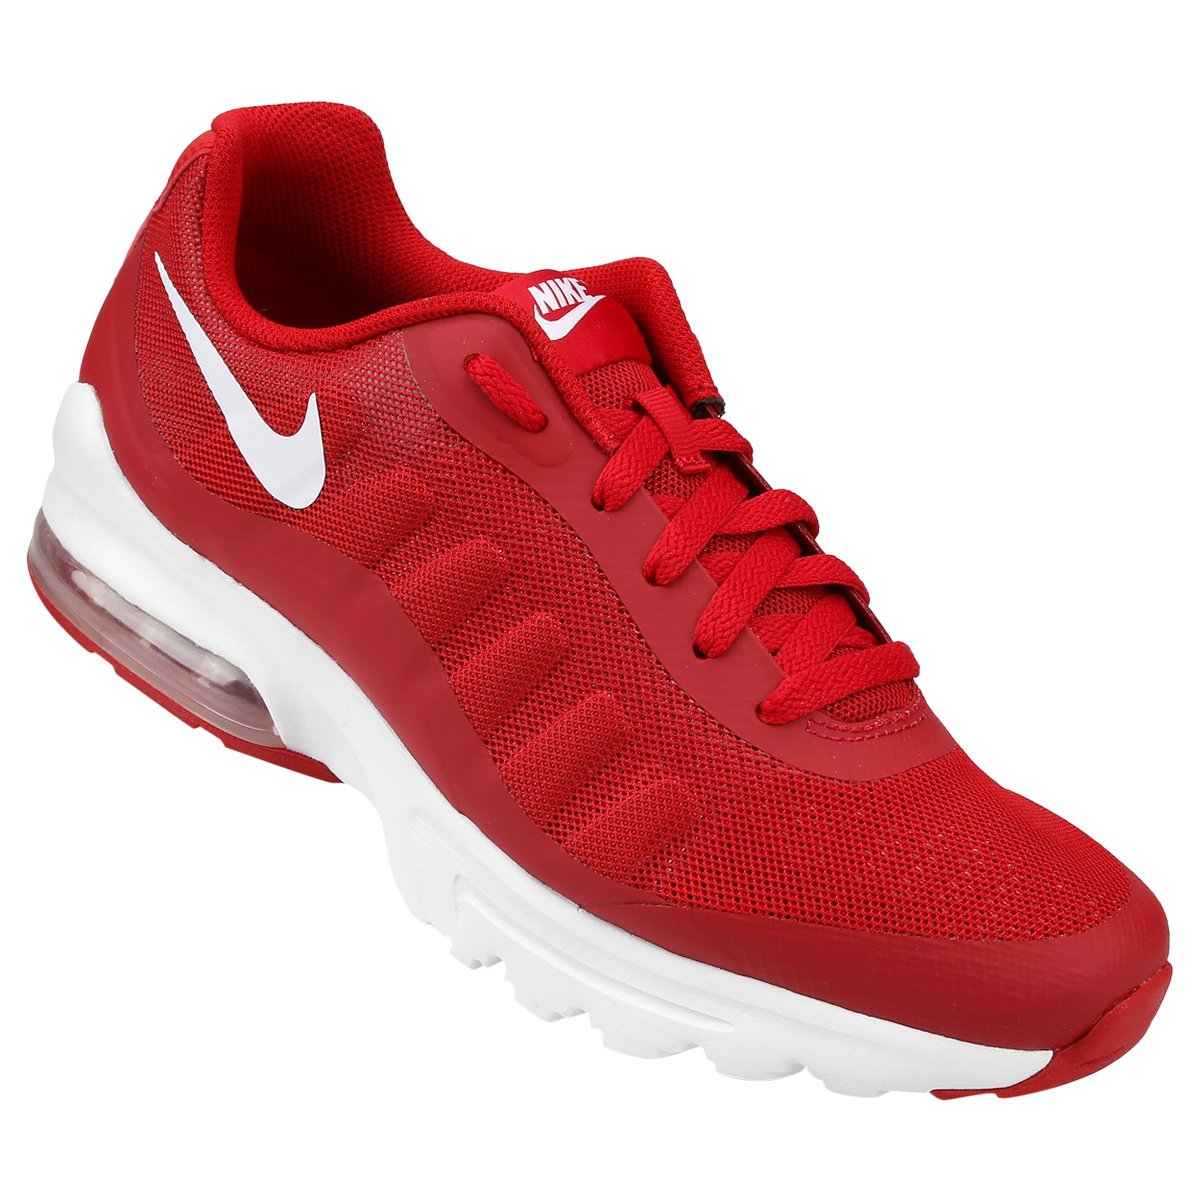 70fa355c47b Tênis Nike Air Max Invigor Masculino - Vermelho e Branco - Compre Agora